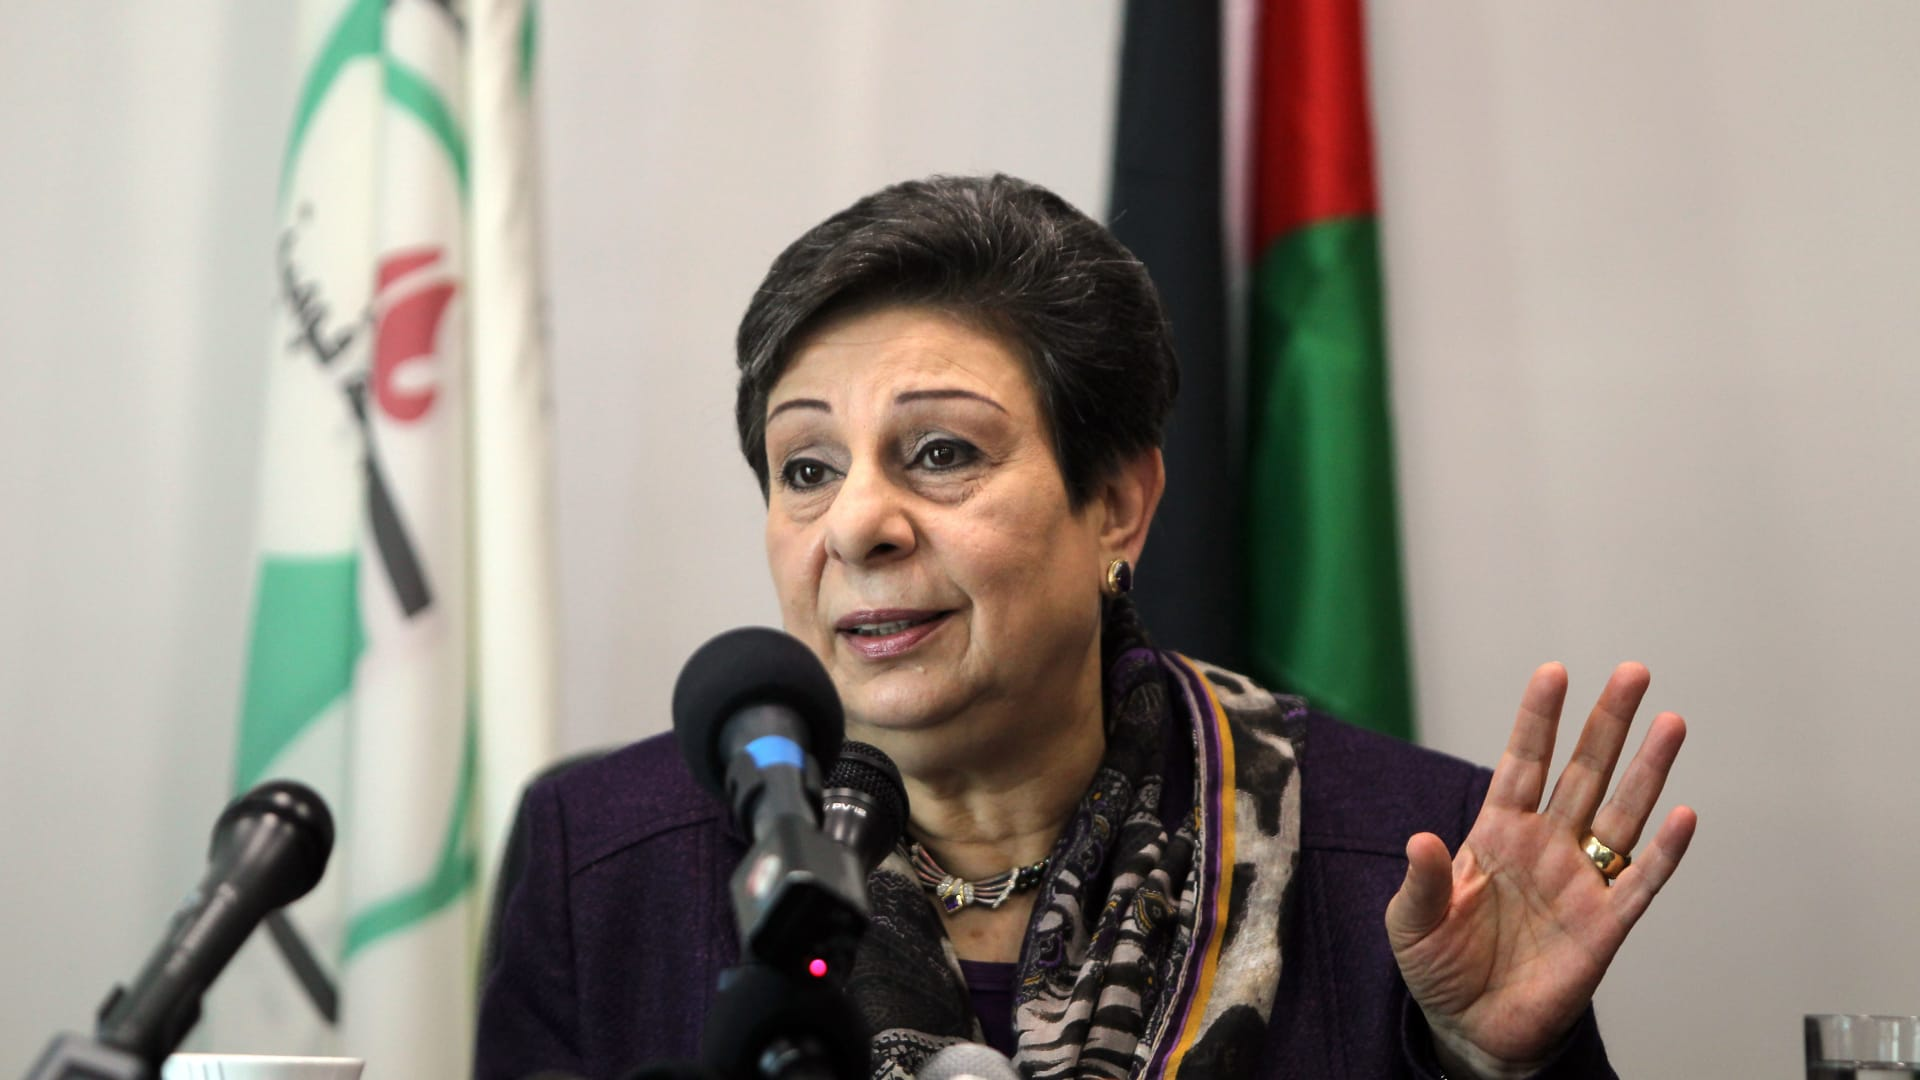 عباس يقبل استقالة حنان عشراوي من عضوية اللجنة التنفيذية لمنظمة التحرير